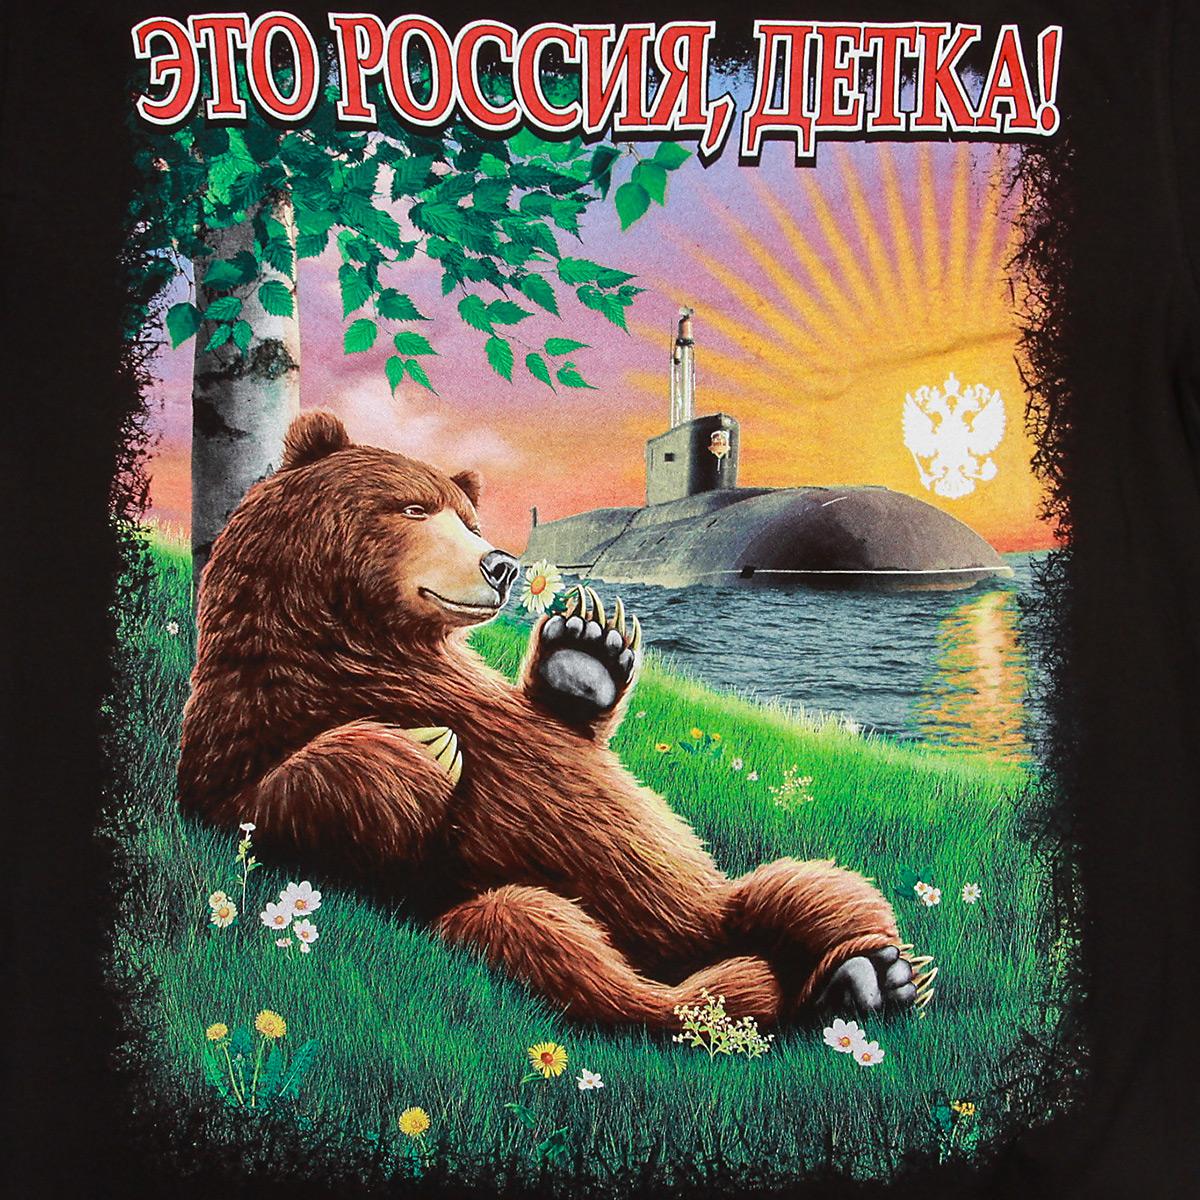 """Футболка """"Это Россия, детка!"""" - принт"""